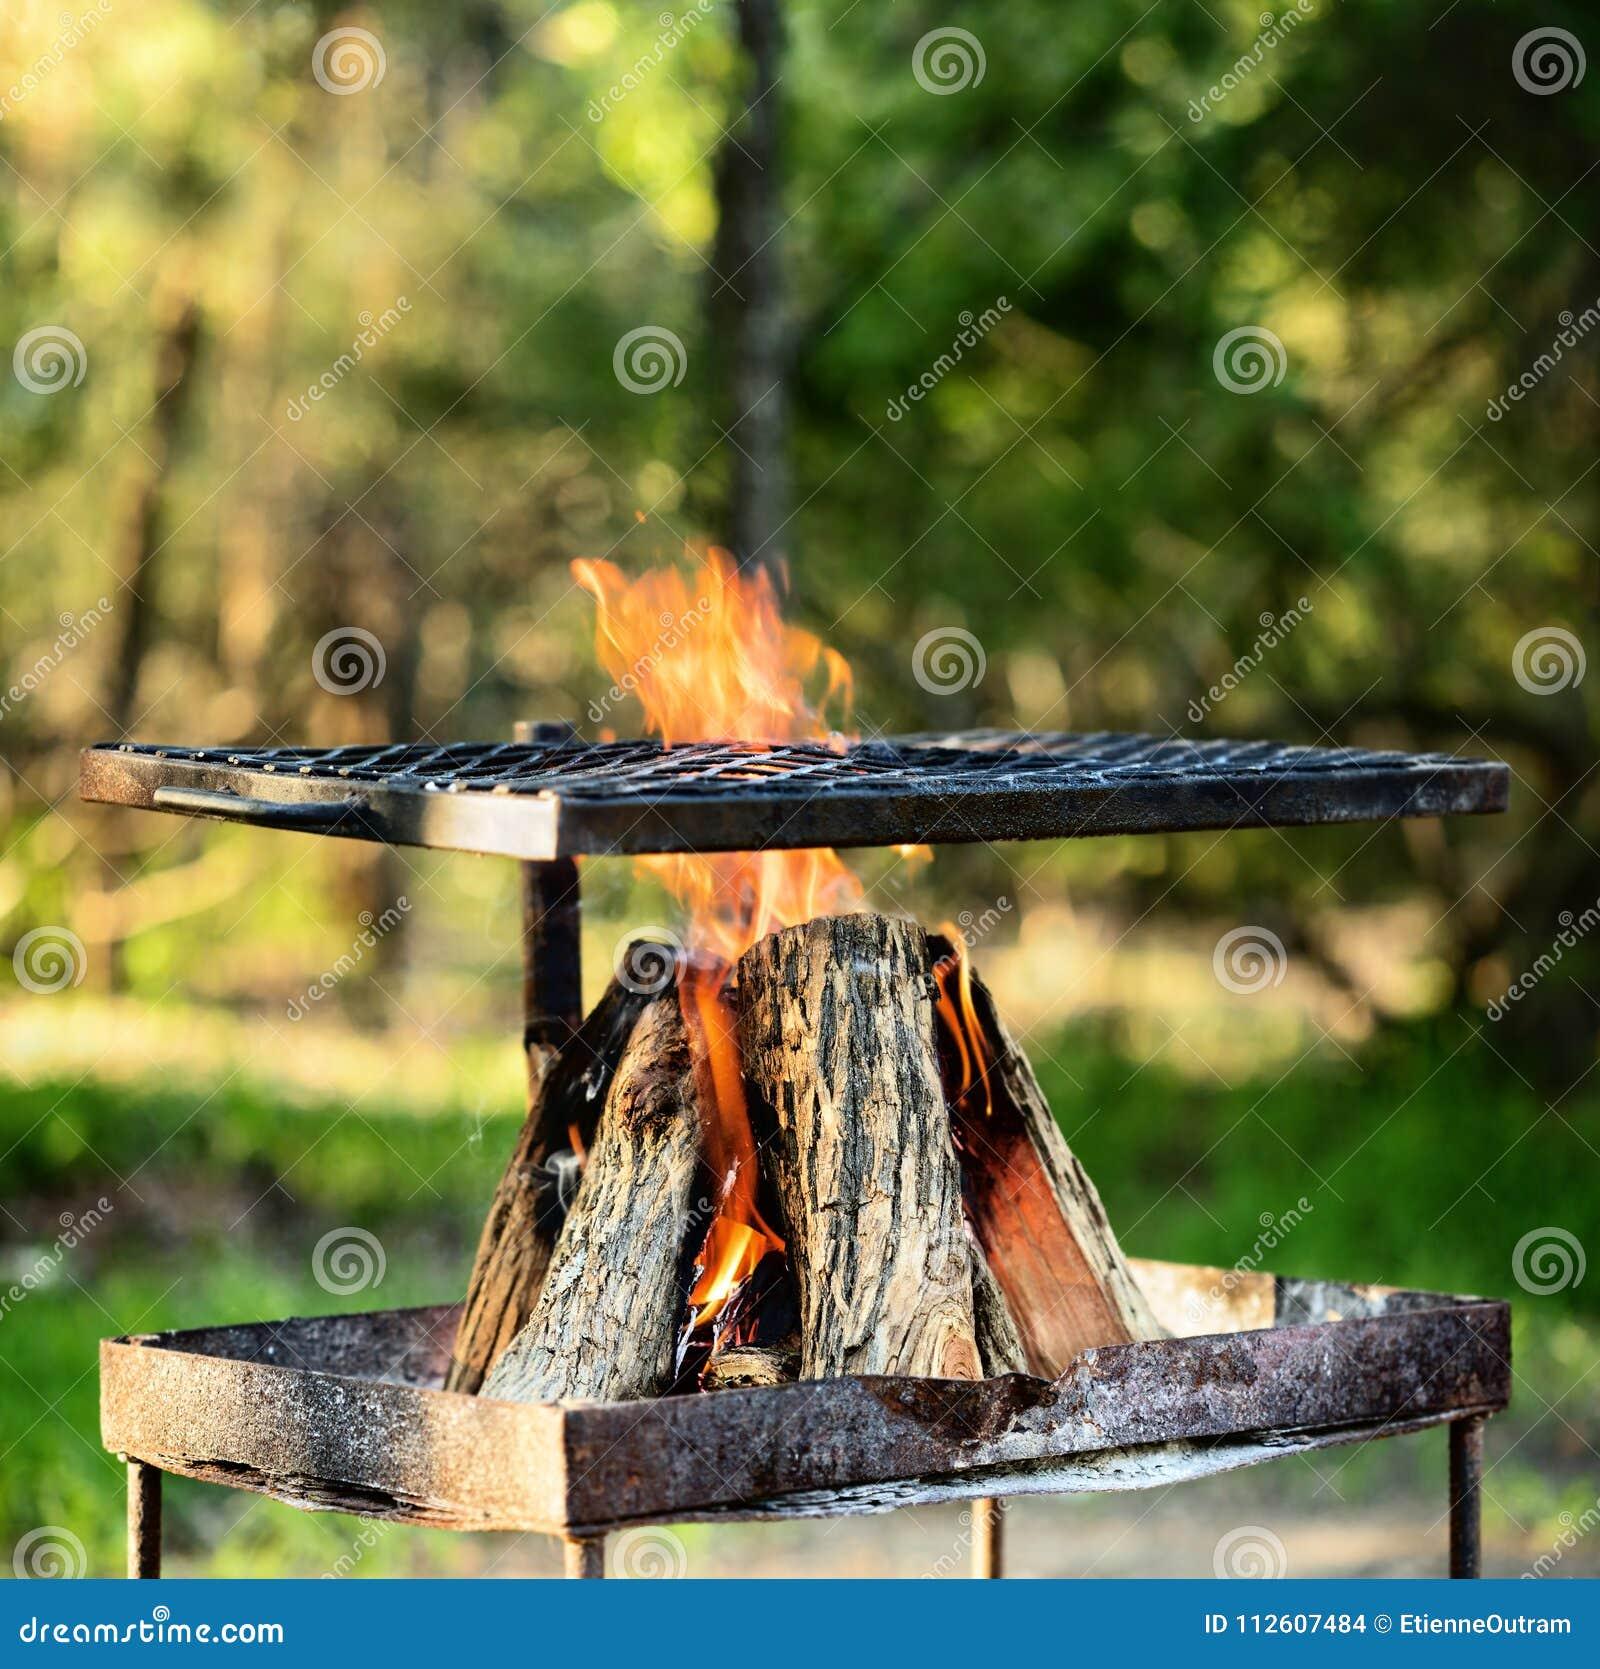 Kampvuur om een braai of een barbecue te maken